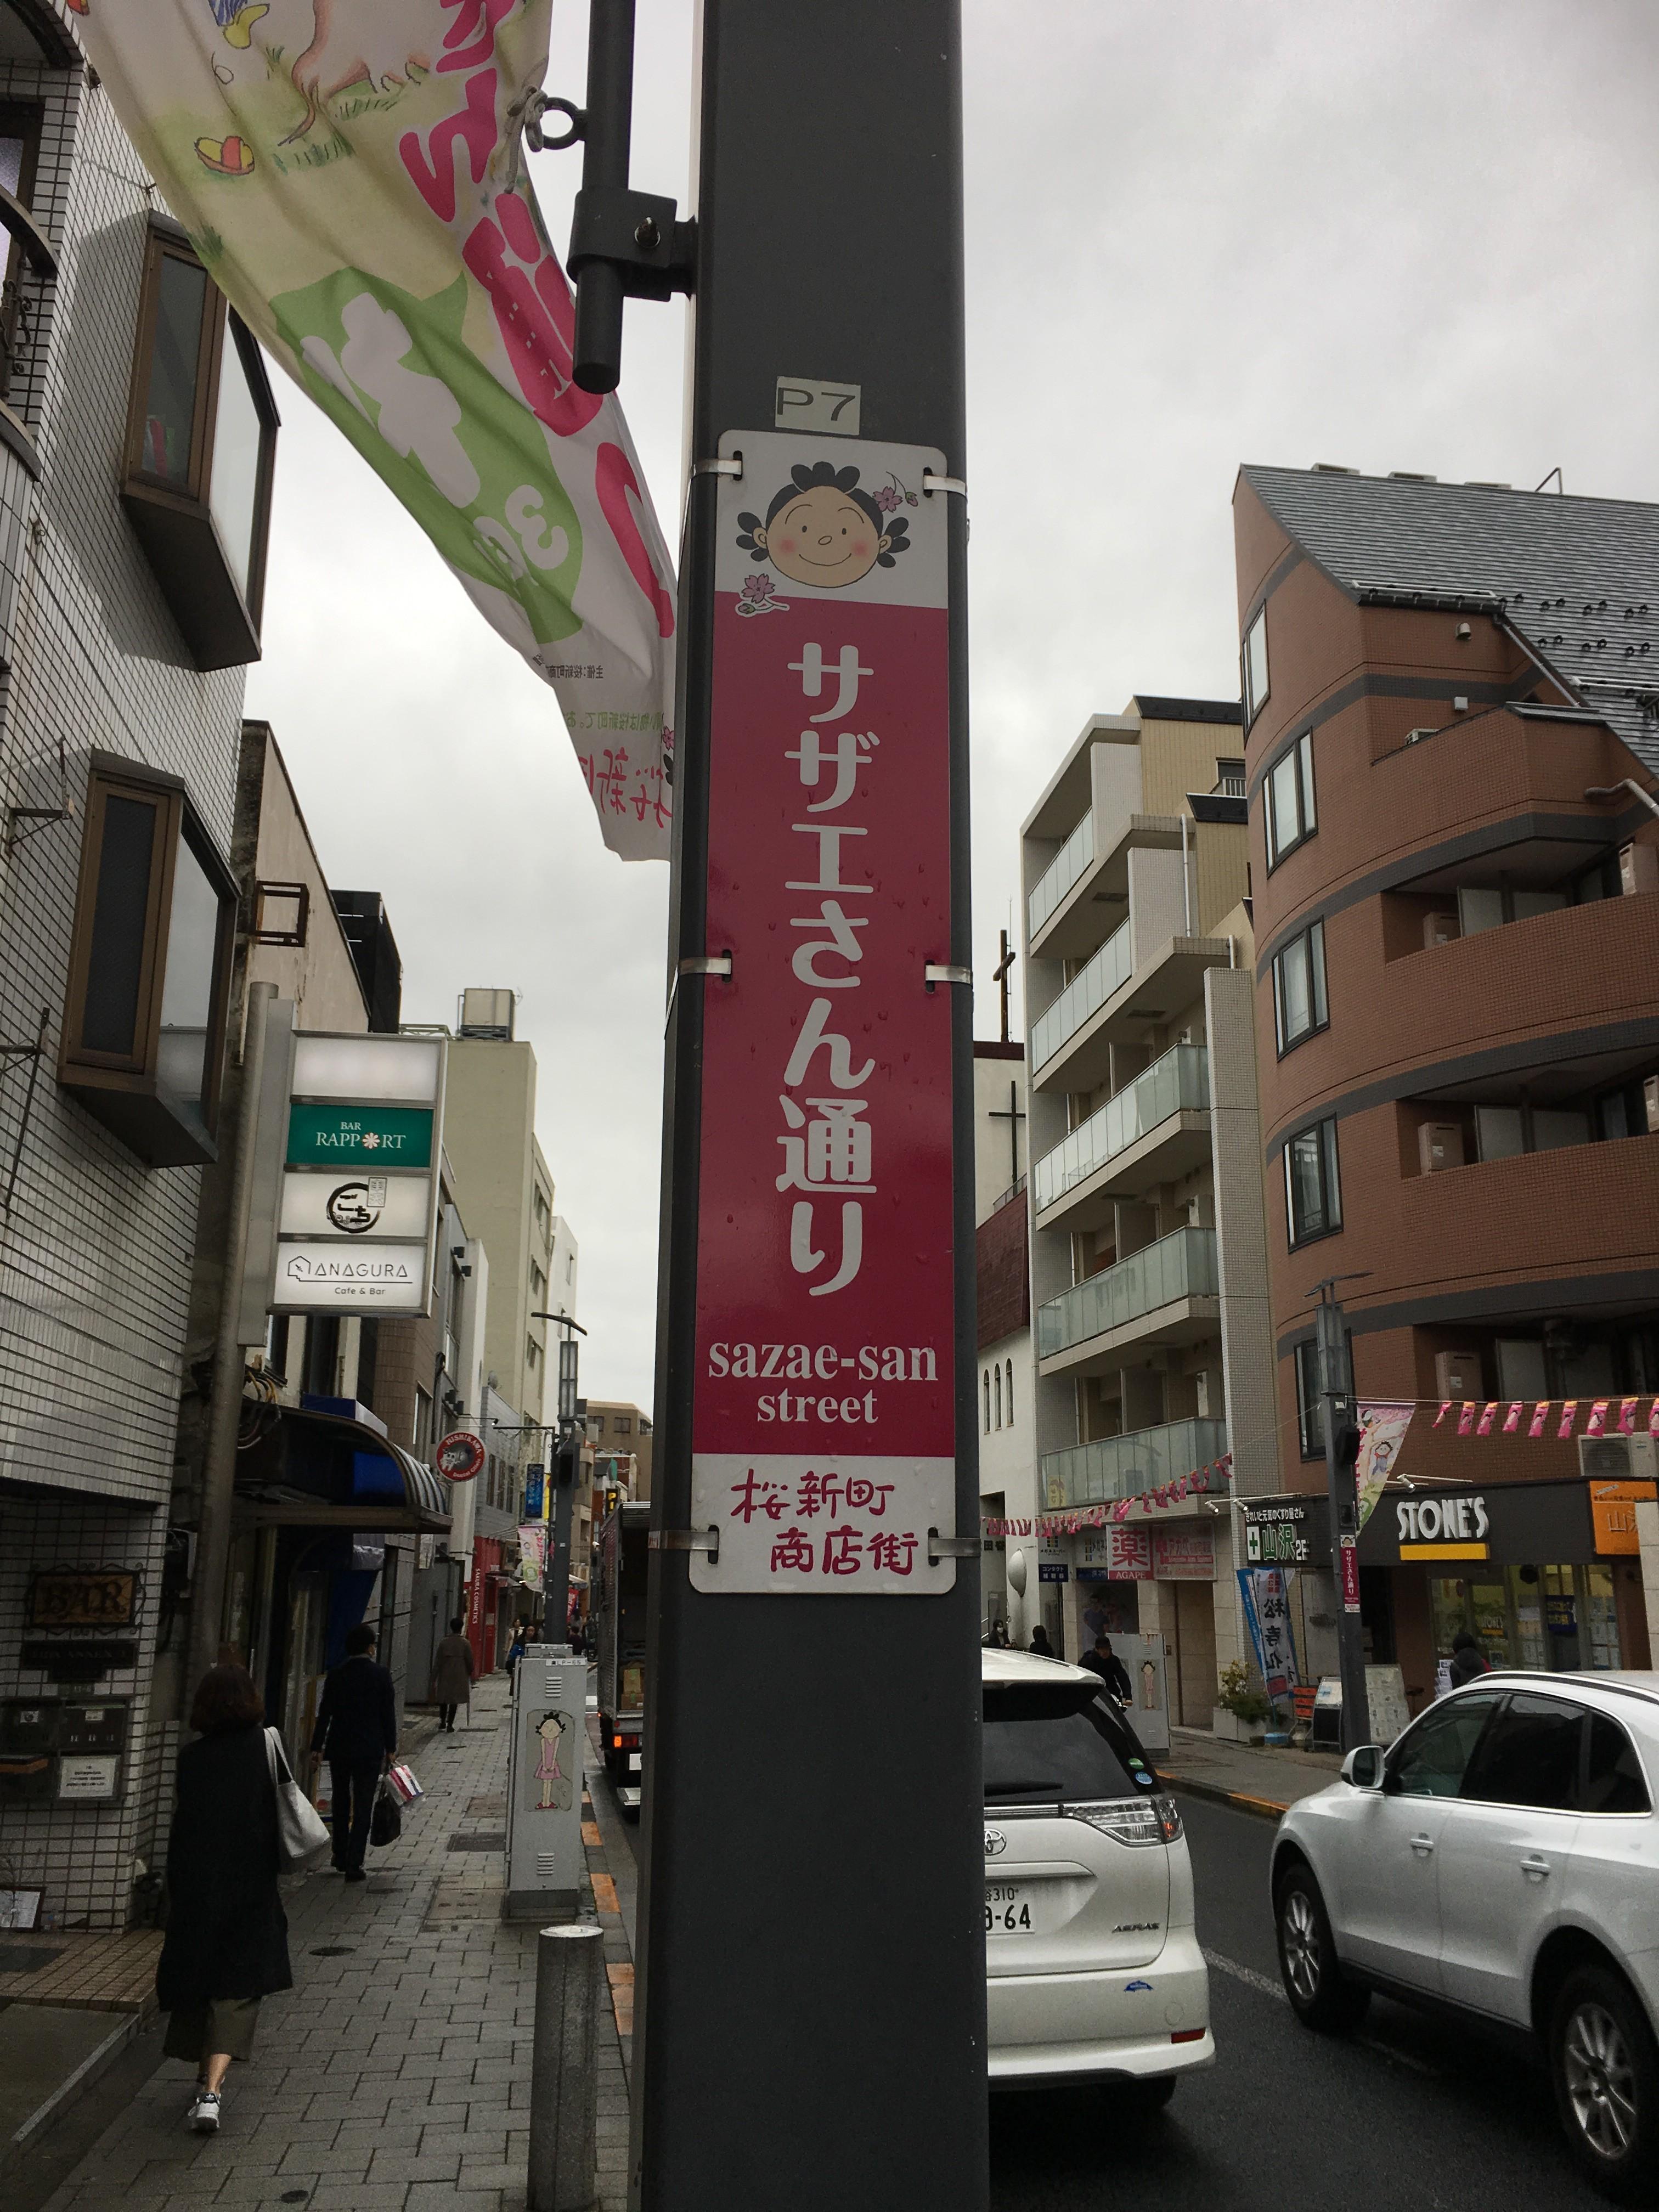 新店奮闘記 ーサザエさん通りを行くー